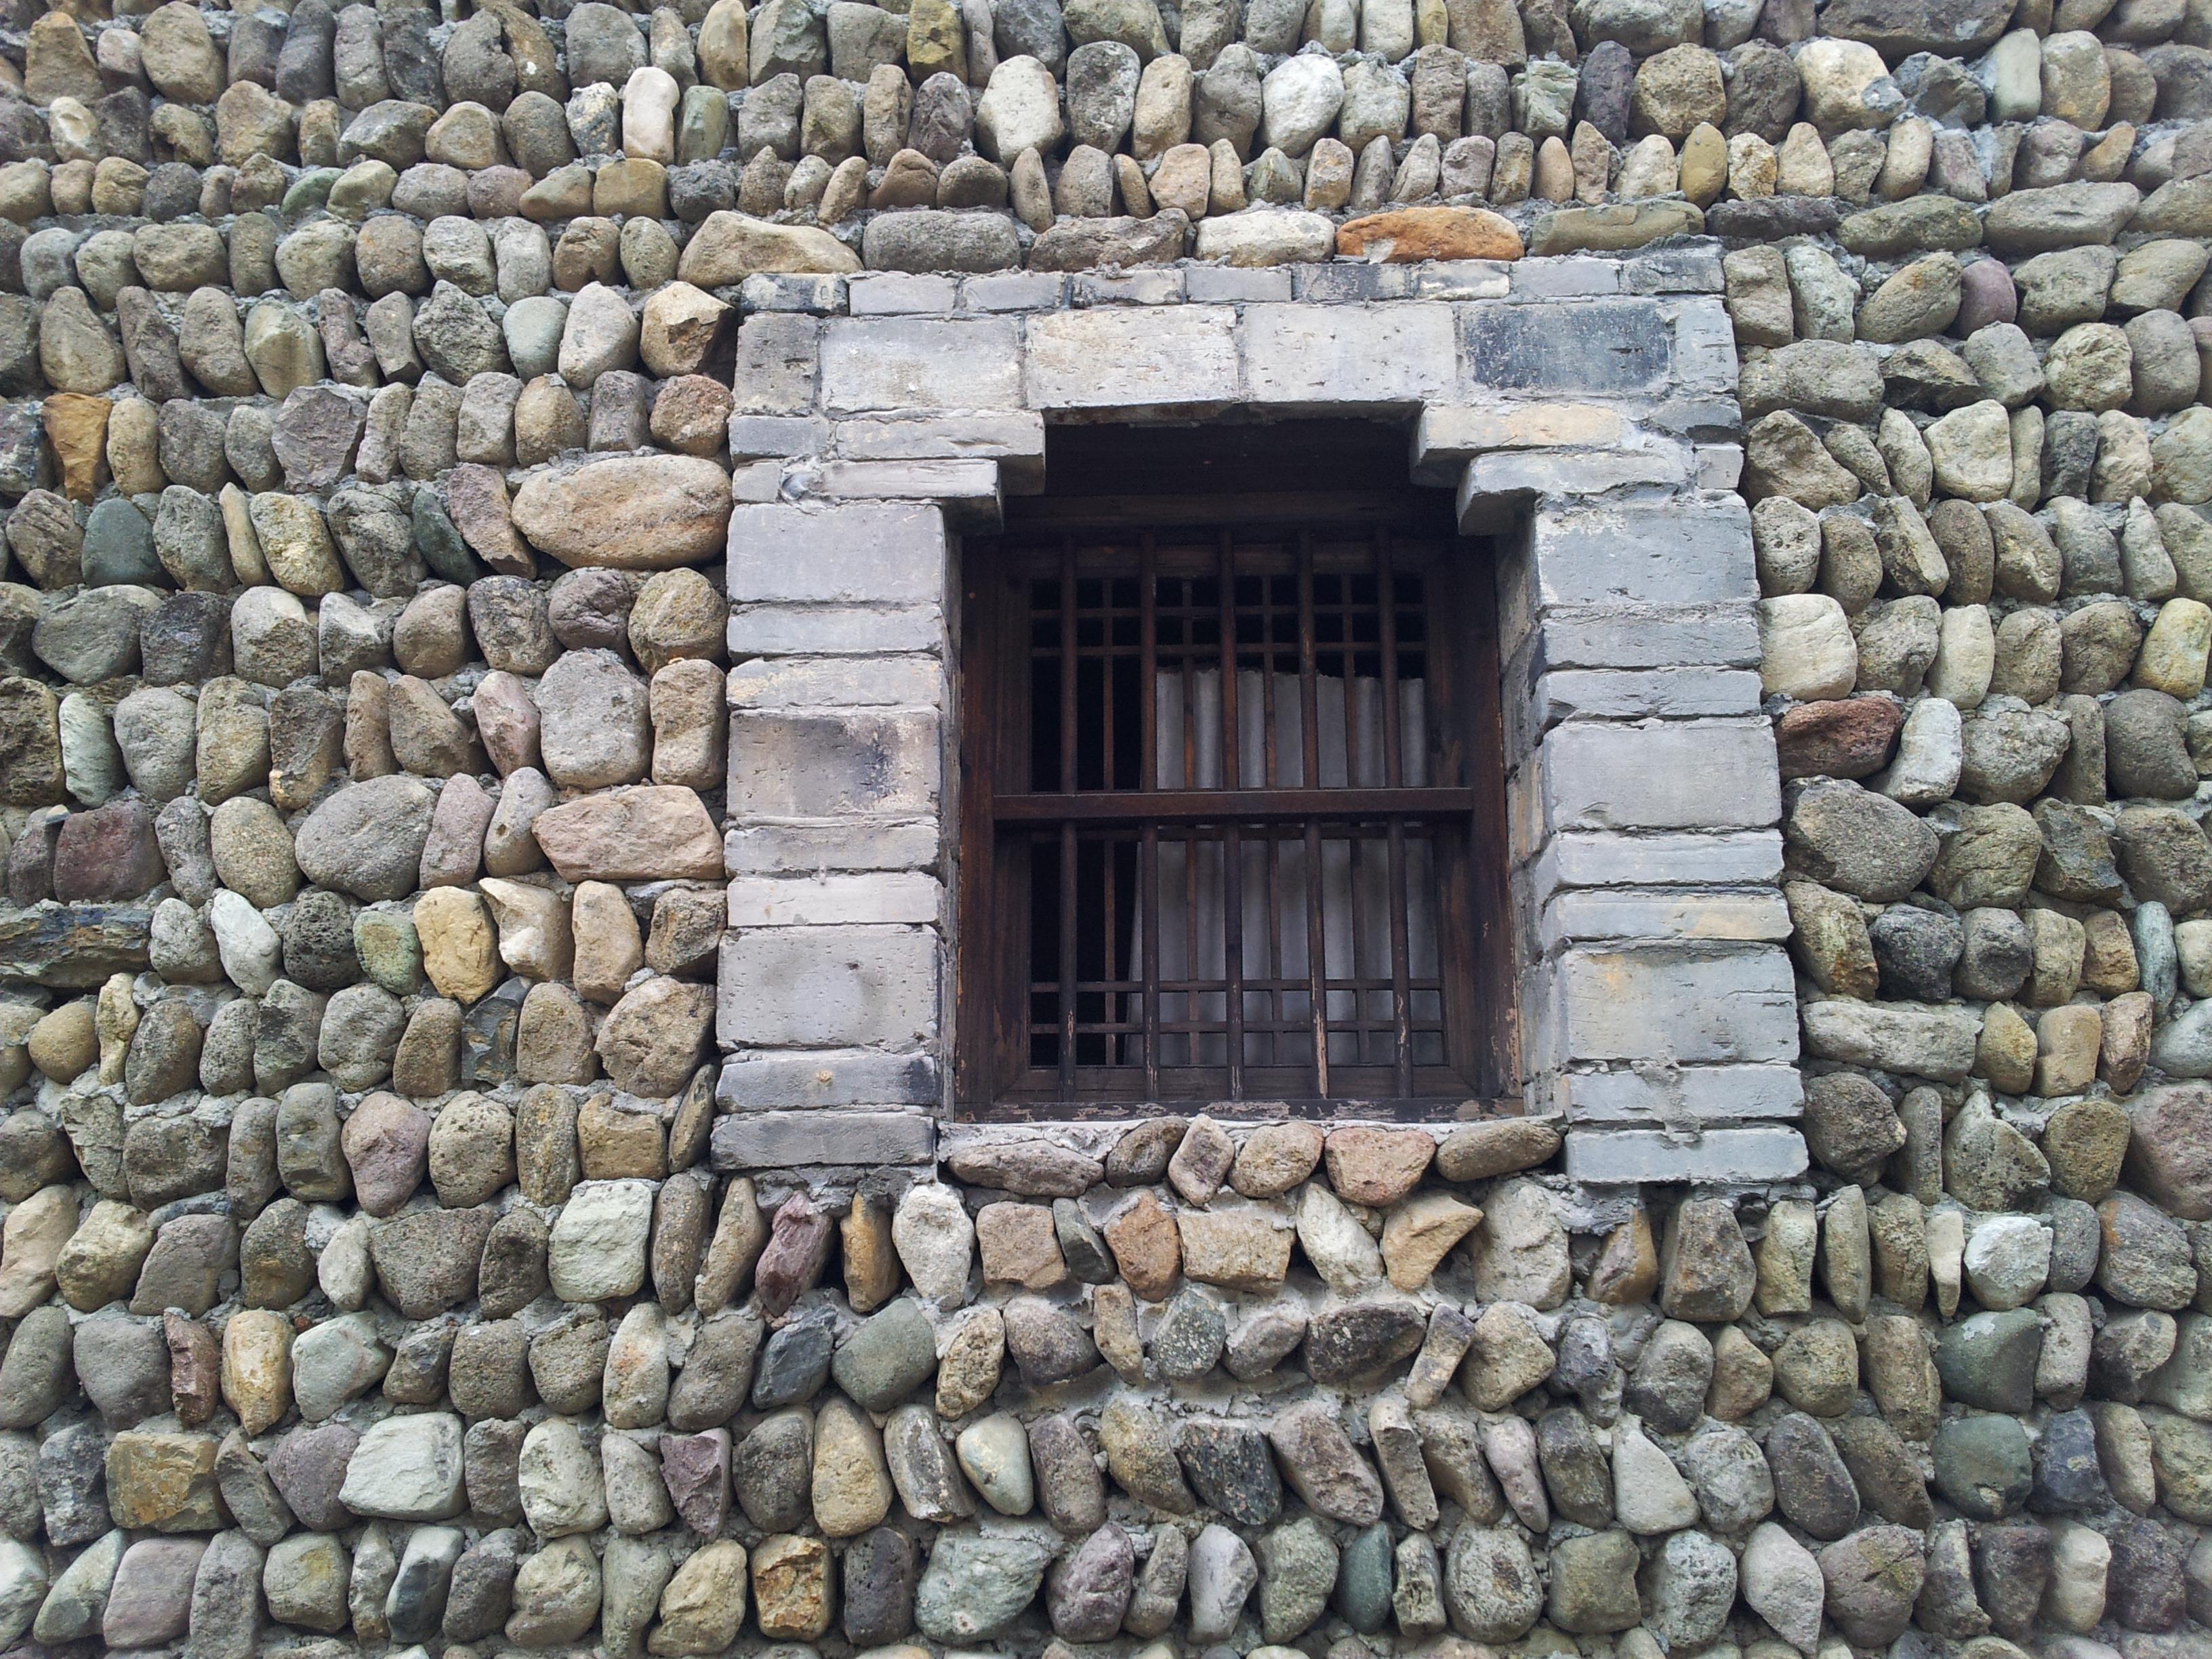 images gratuites roche fen tre b timent village ancien mur de pierre brique des roches. Black Bedroom Furniture Sets. Home Design Ideas